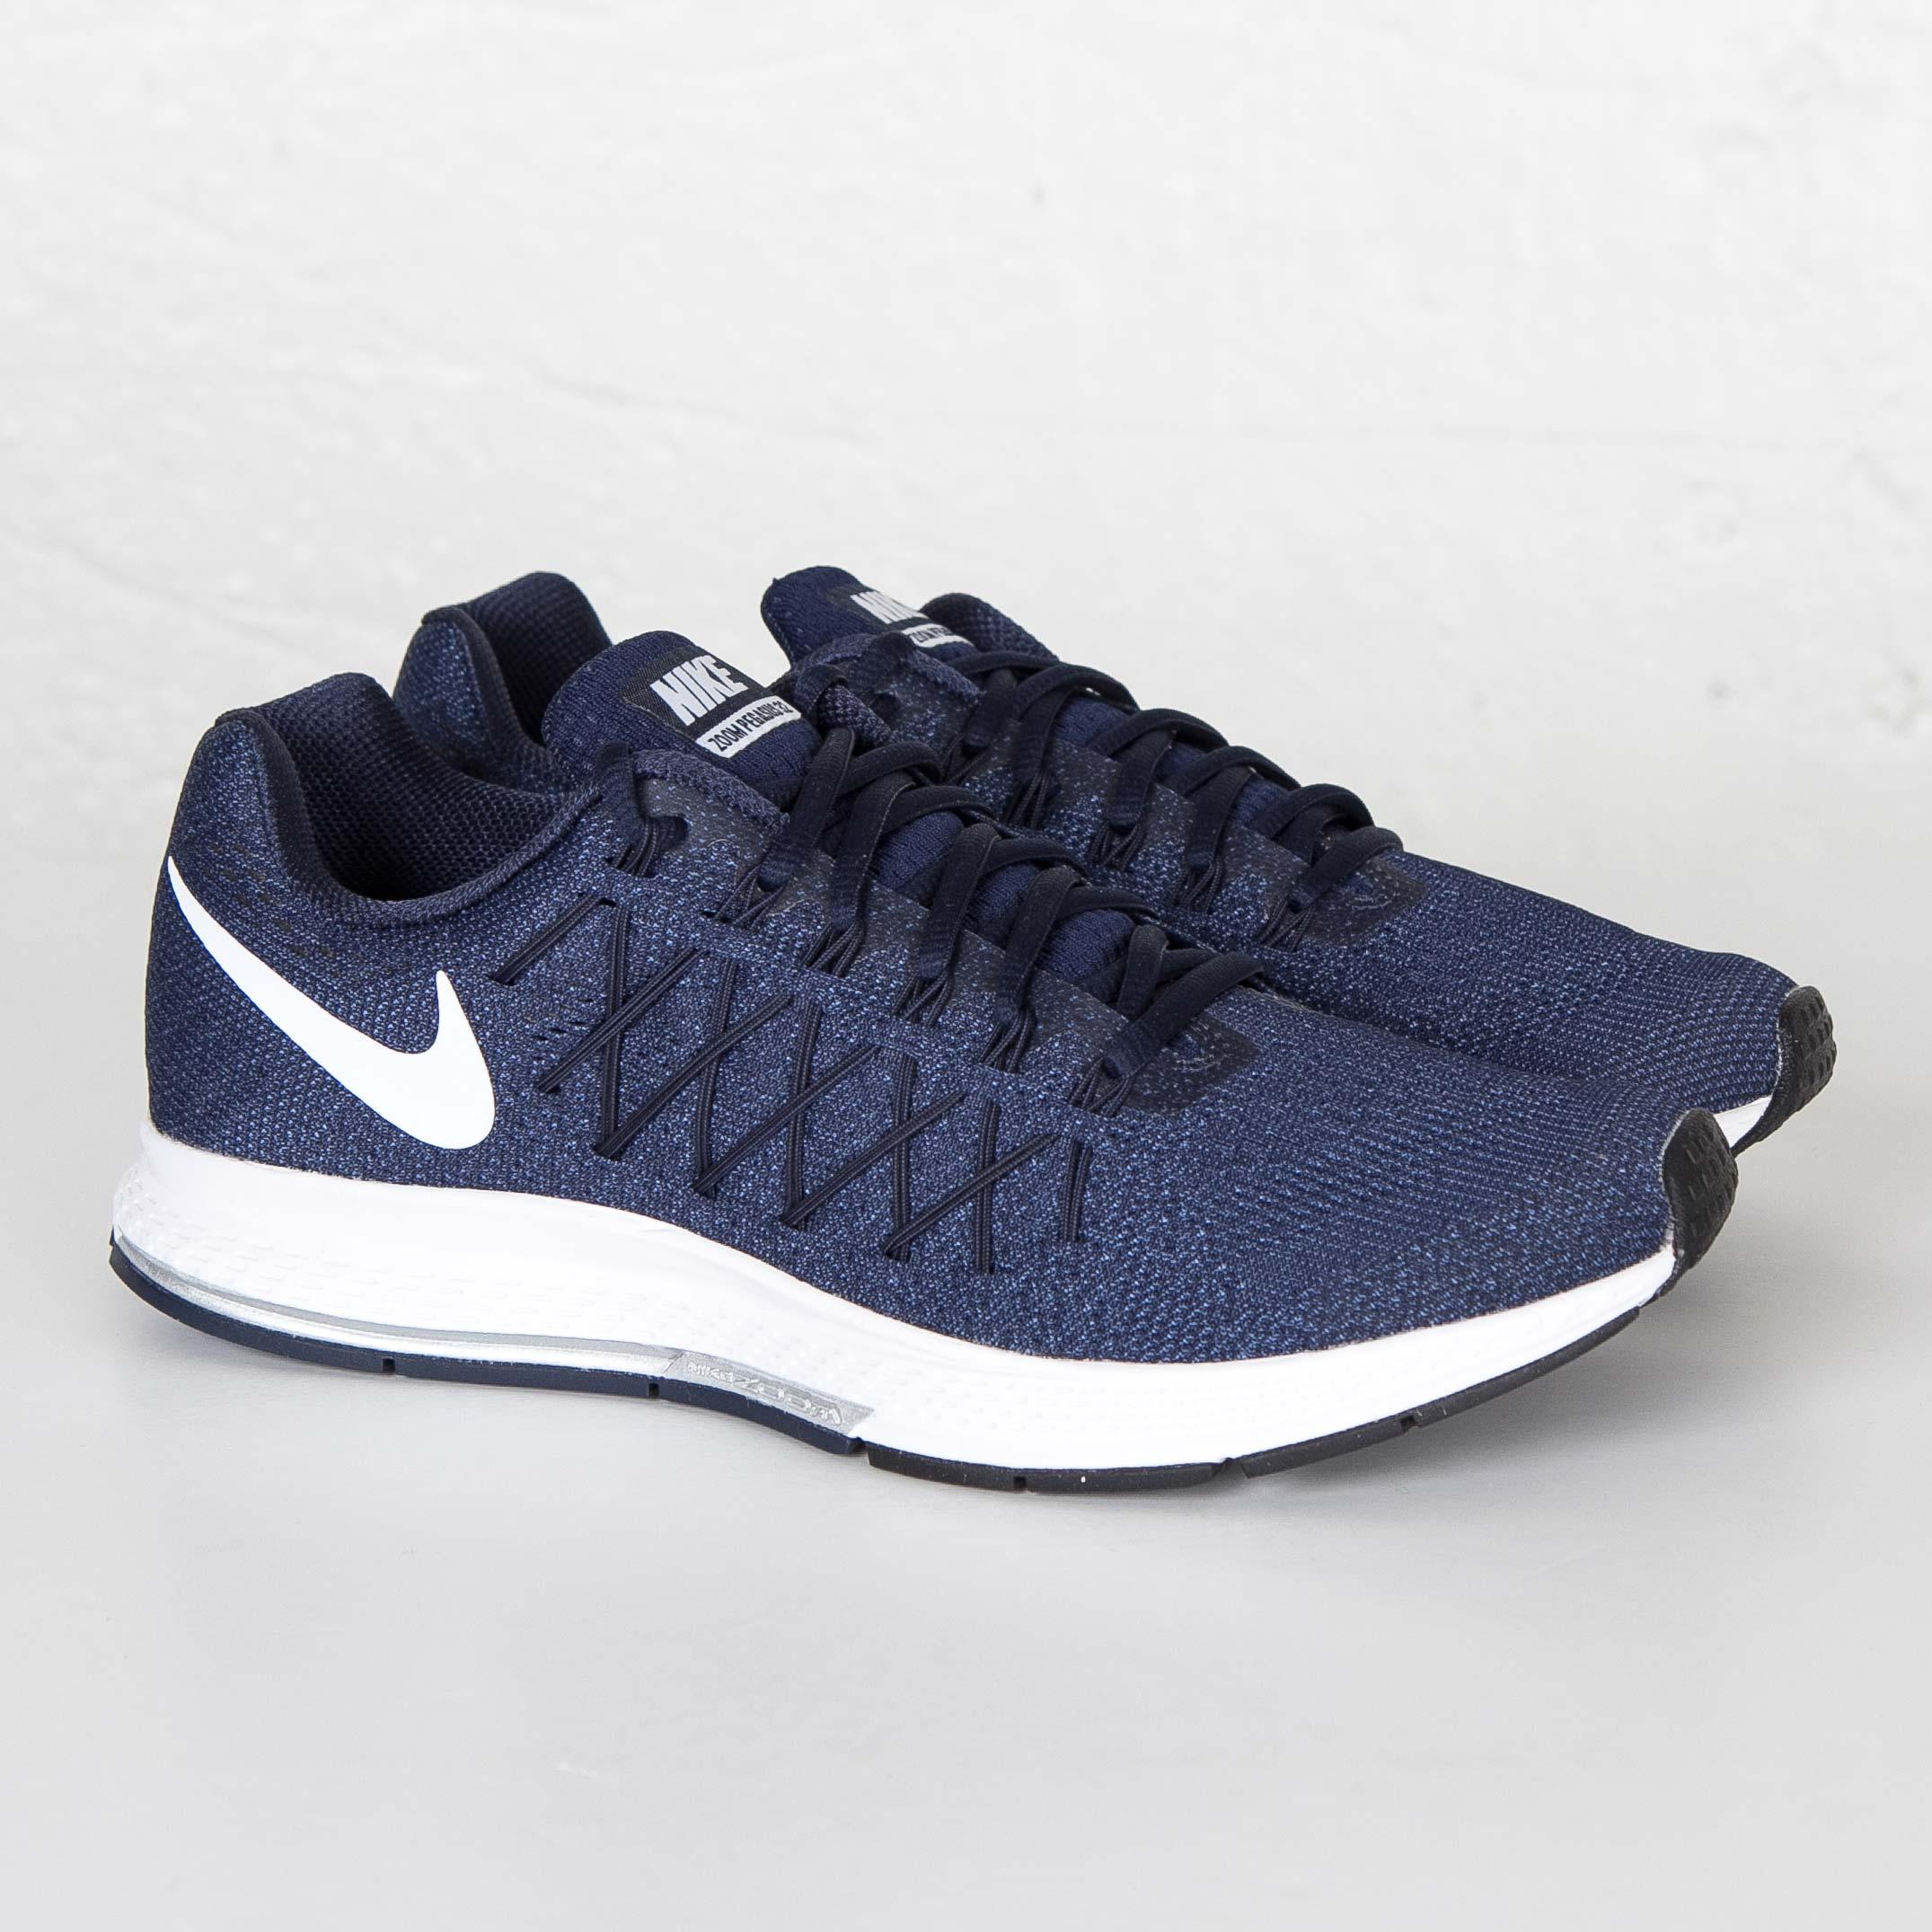 Nike Air Zoom Pegasus 32 - 749340-414 - Sneakersnstuff  588a29237ece